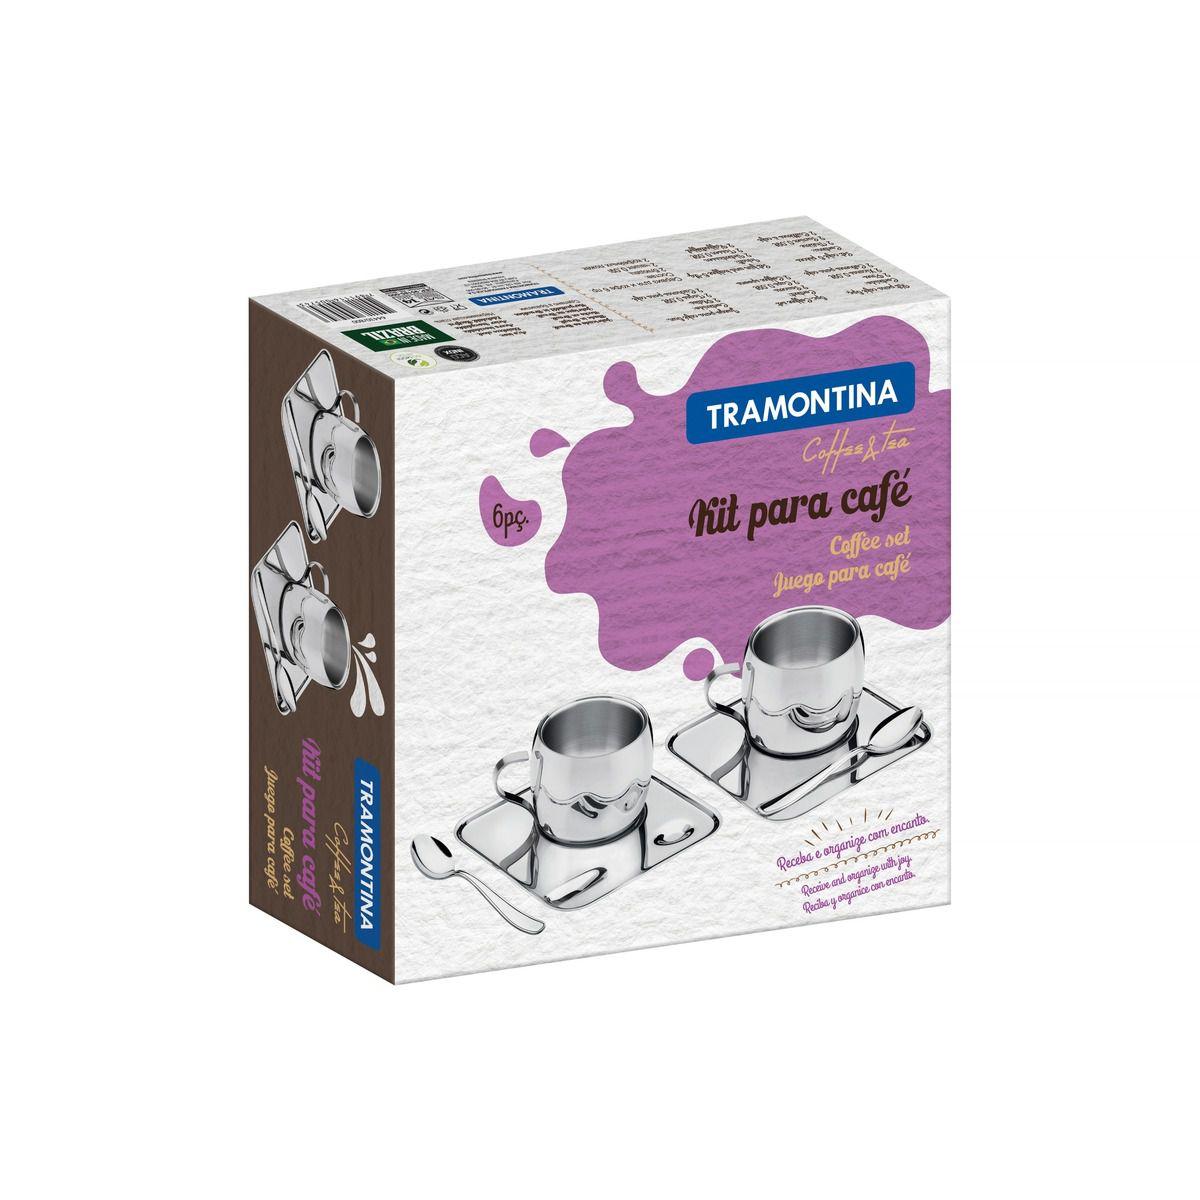 Kit para Café Tramontina em Aço Inox Acabamento Brilho com Xícara Píres Quadrado e Colher 6 Peças 64430/800 | Lojas Estrela